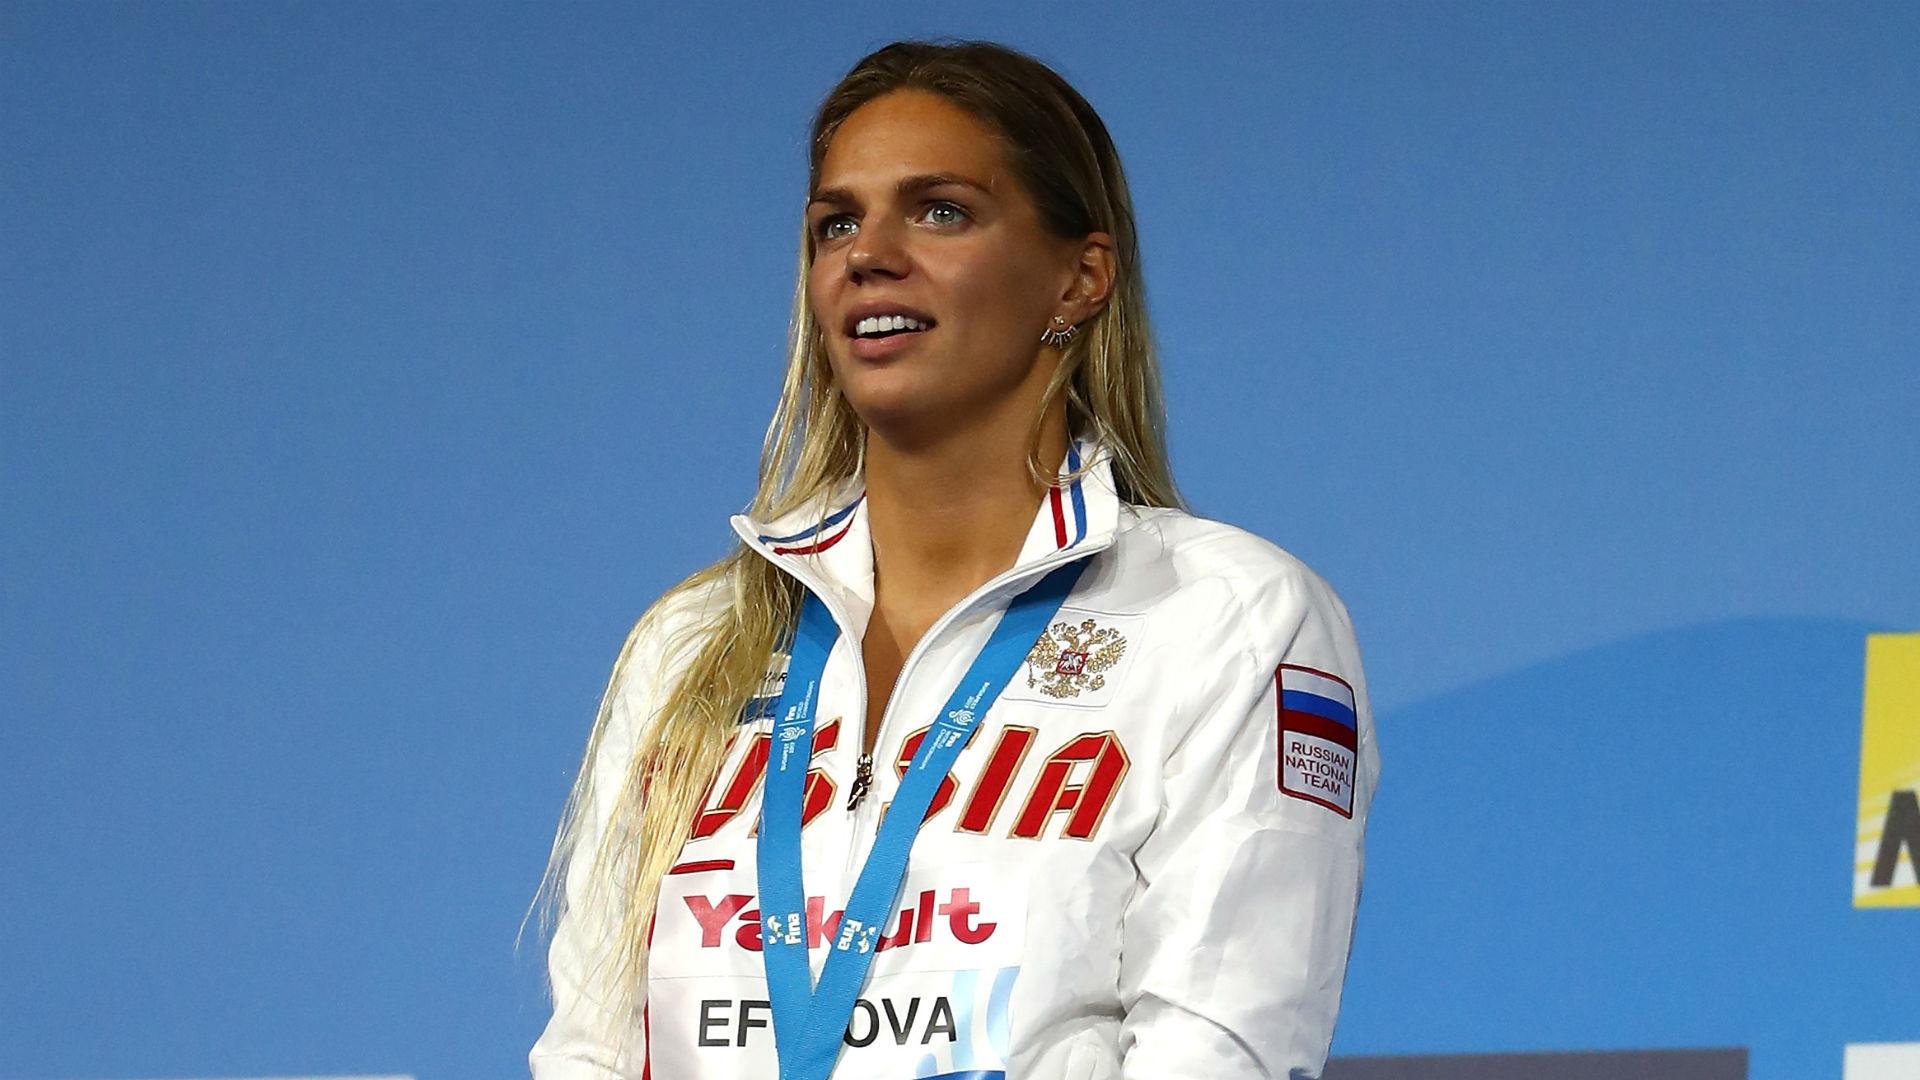 Пловчиха Ефимова уступила американке Кинг в финале ЧМ в Будапеште